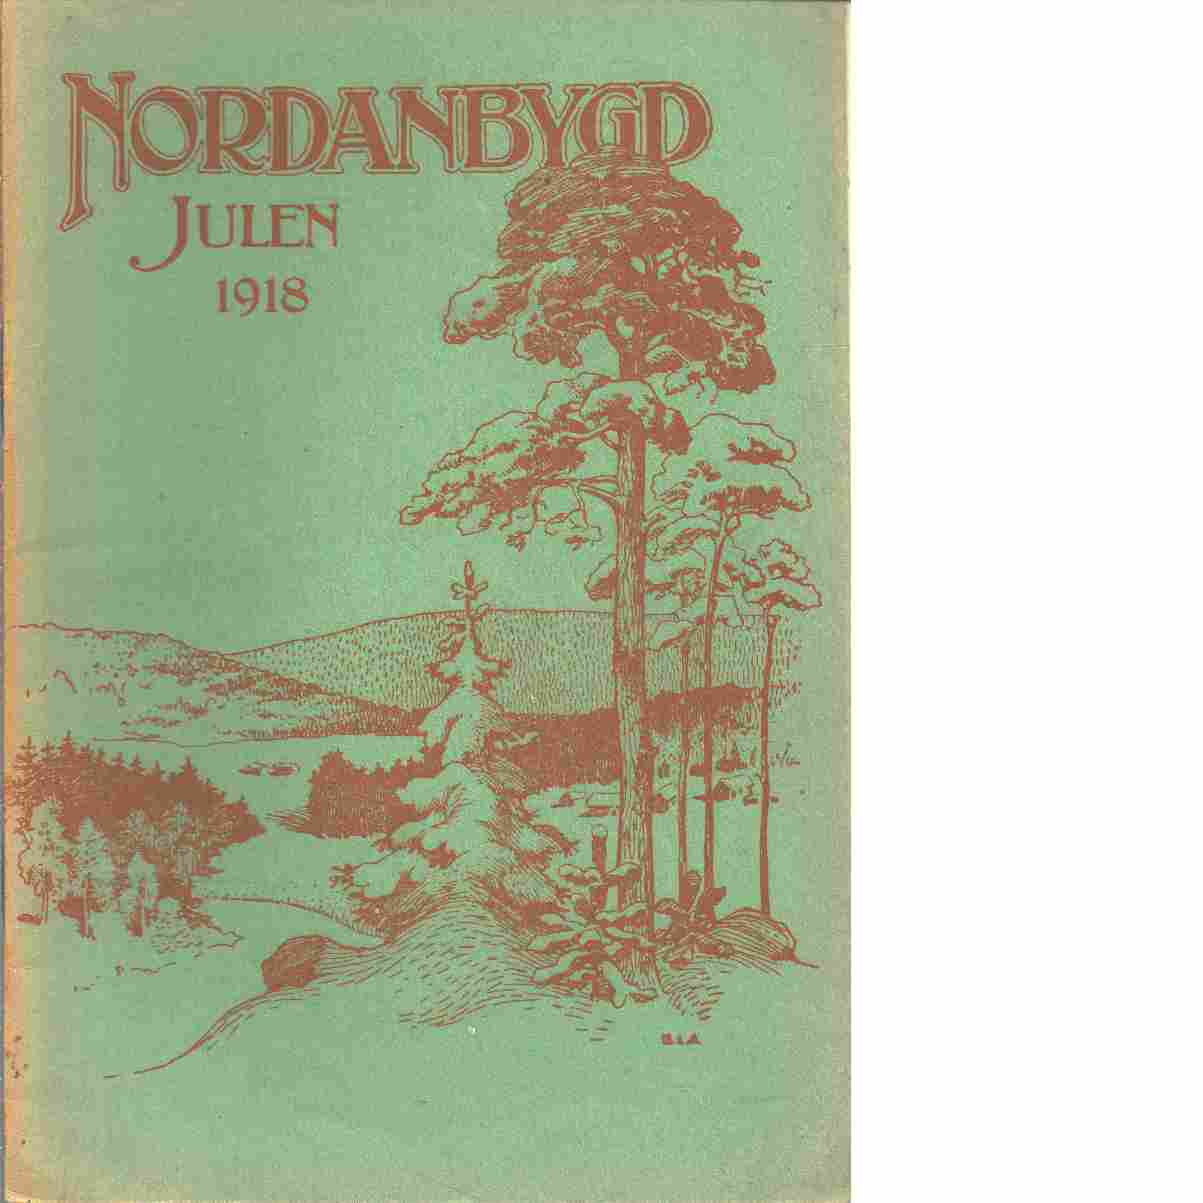 Nordanbygd : Julen 1918  utgifven af Folkhögskolans i Boden elevförbund - Red.